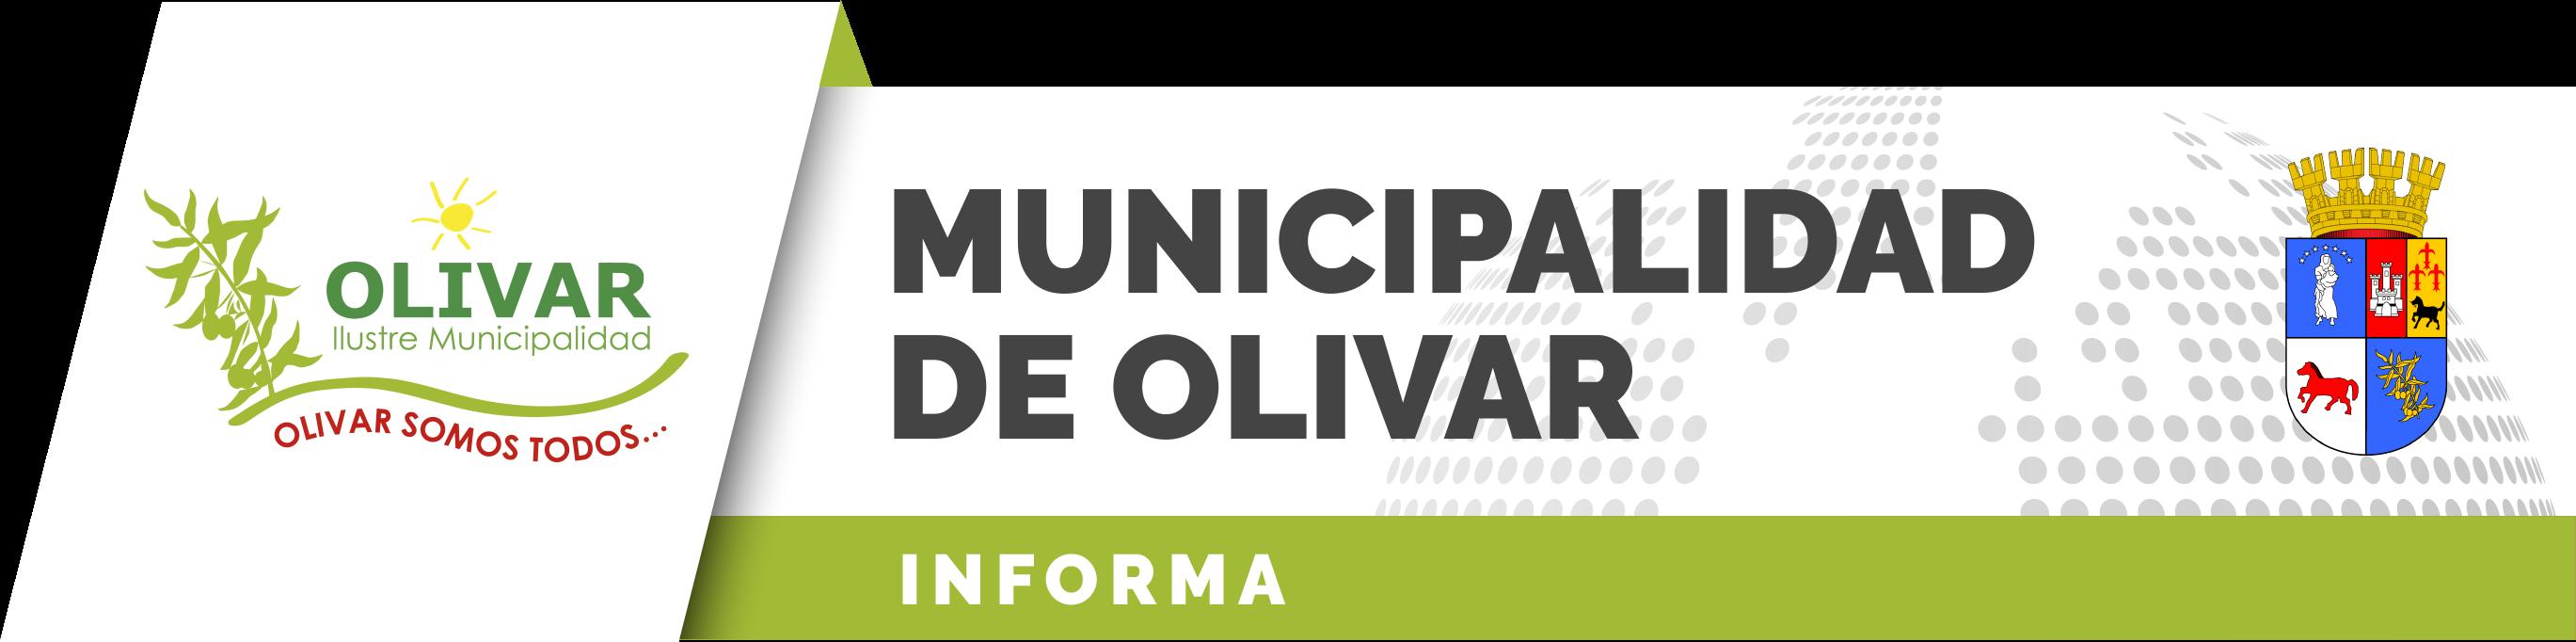 CORTE DE SUMINISTRO ELÉCTRICO: Ala antigua de la Municipalidad y centro de la comuna